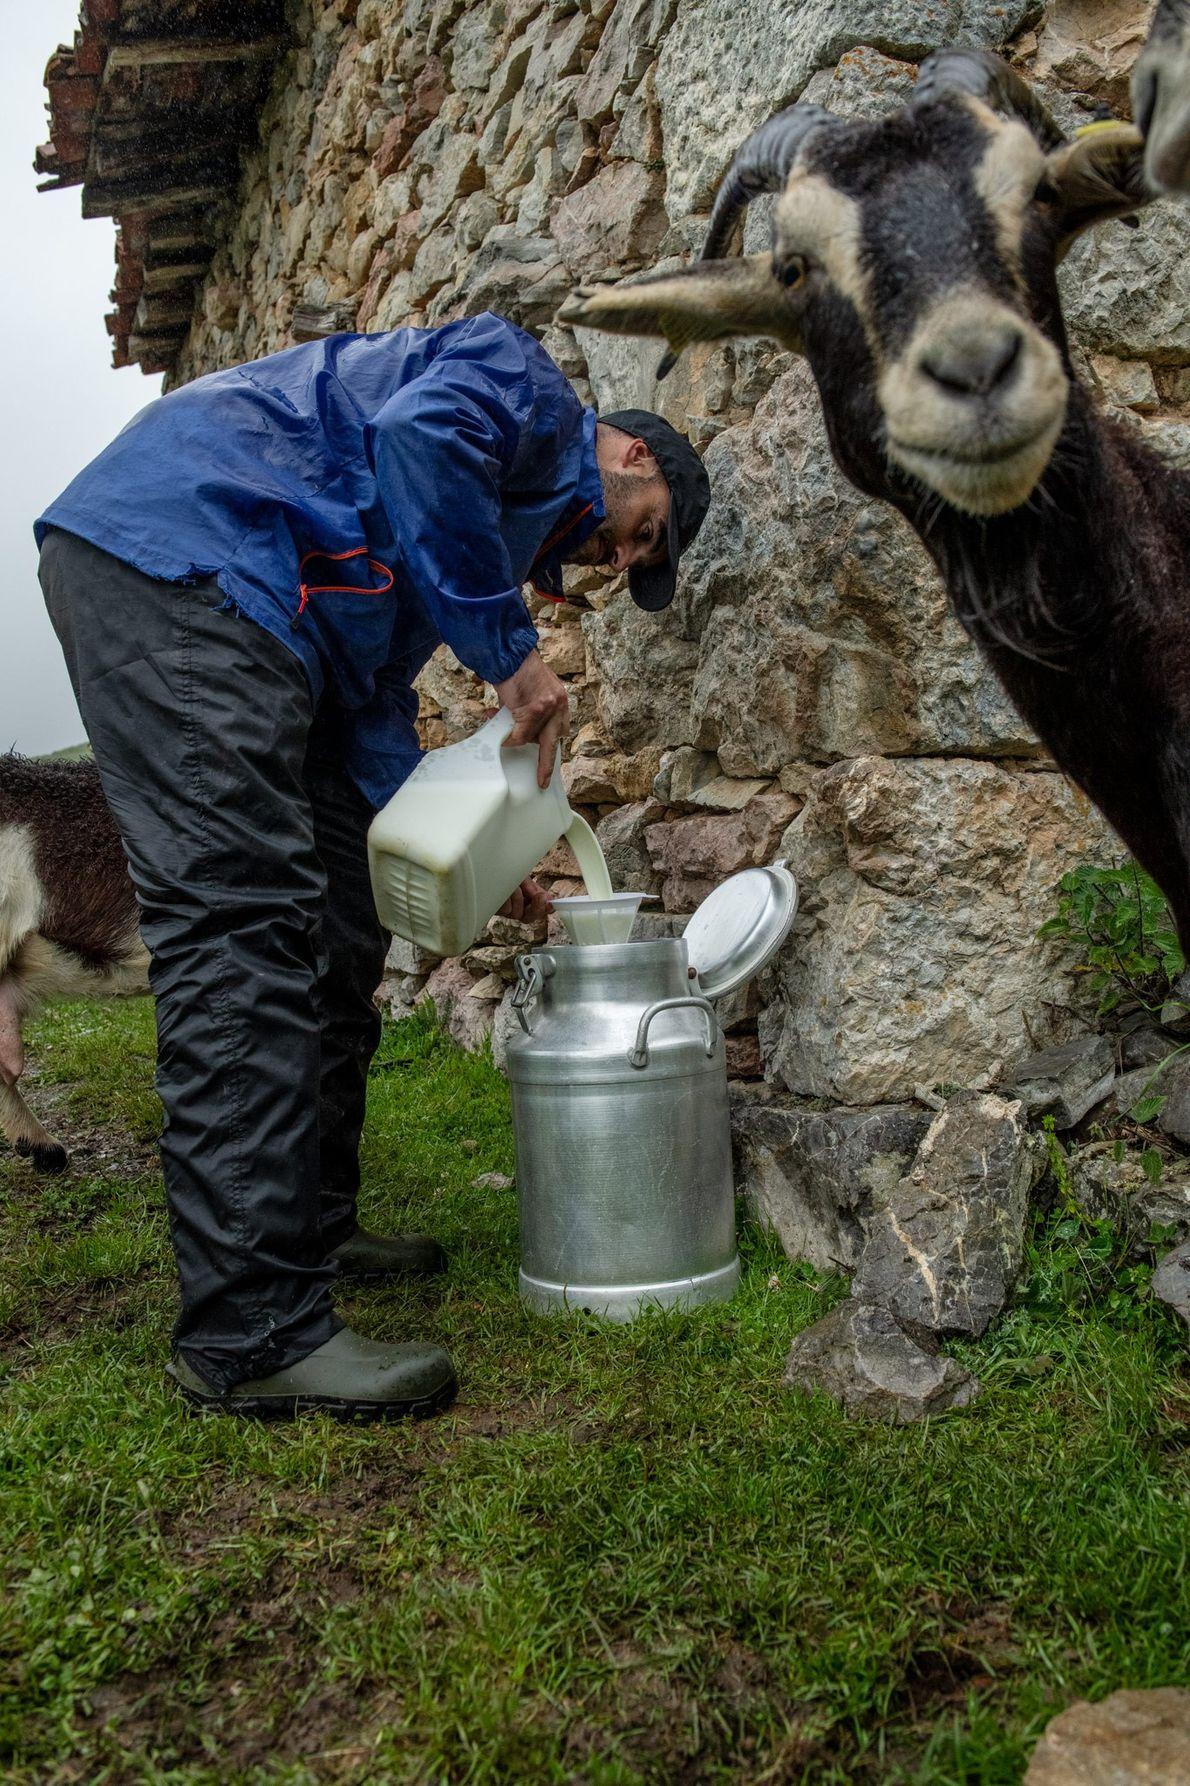 Diaz Bada mistura leite de cabra para fazer queijo, enquanto um membro curioso do seu rebanho ...